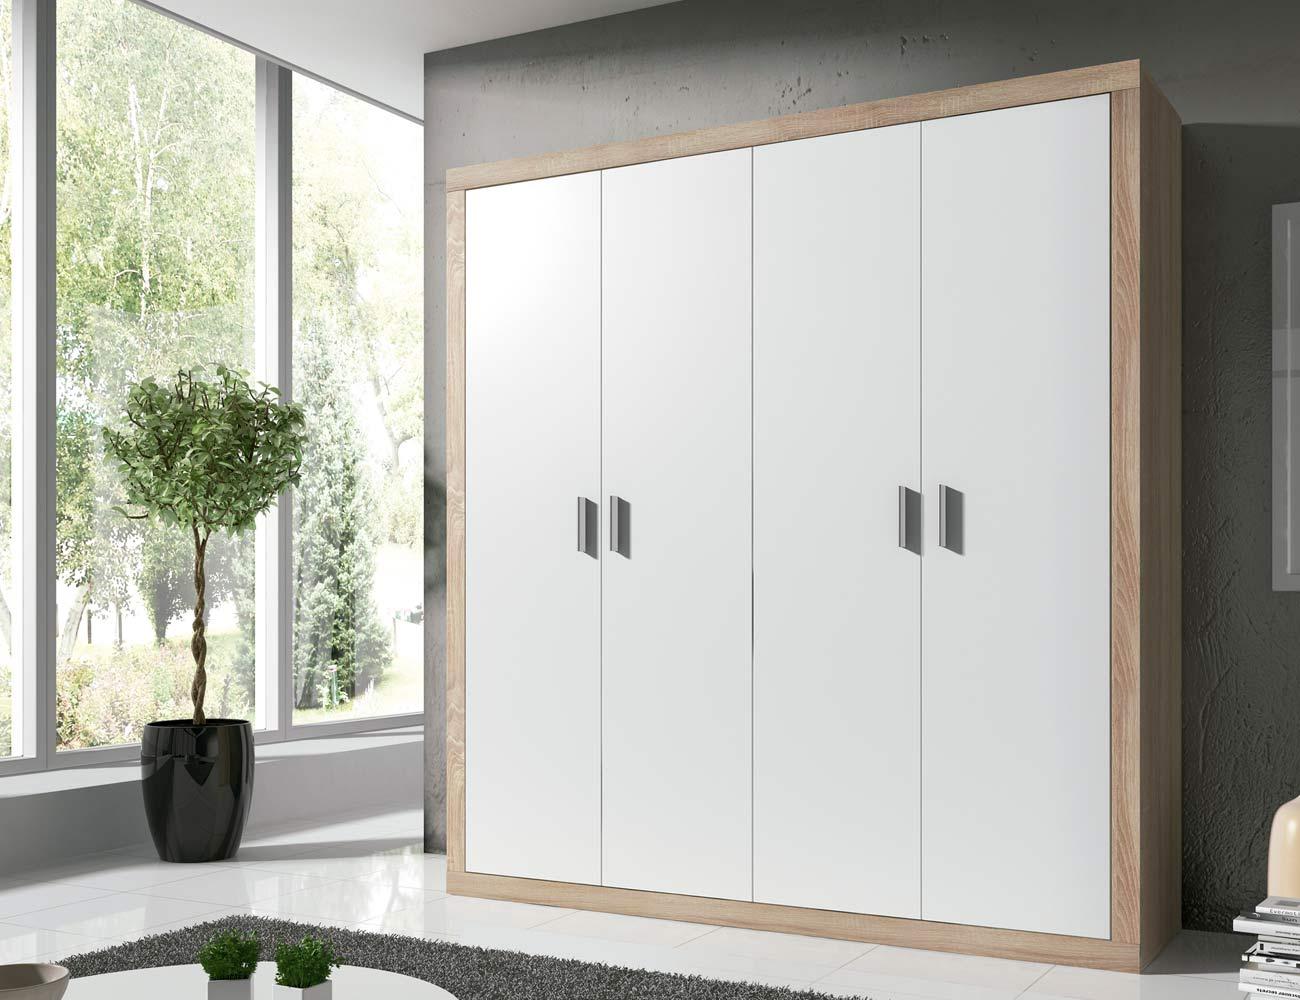 Detalle armario puertas abatibles cambrian blanco1